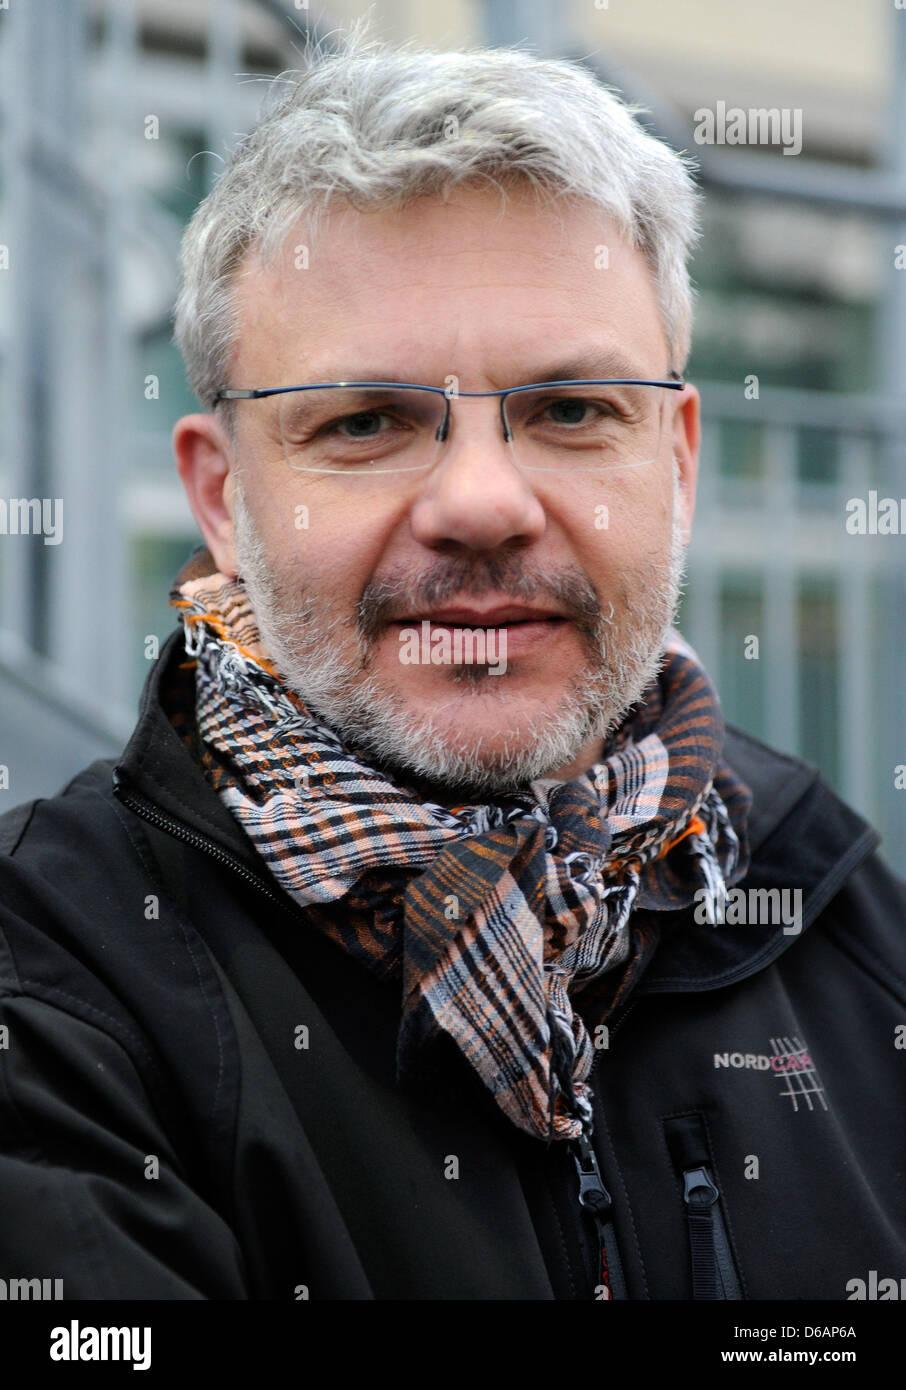 Militärarzt Willi Schmidbauer ist vor dem Bundeswehr-Krankenhaus in Hamburg, Deutschland, 15. April 2013 abgebildet. Stockbild